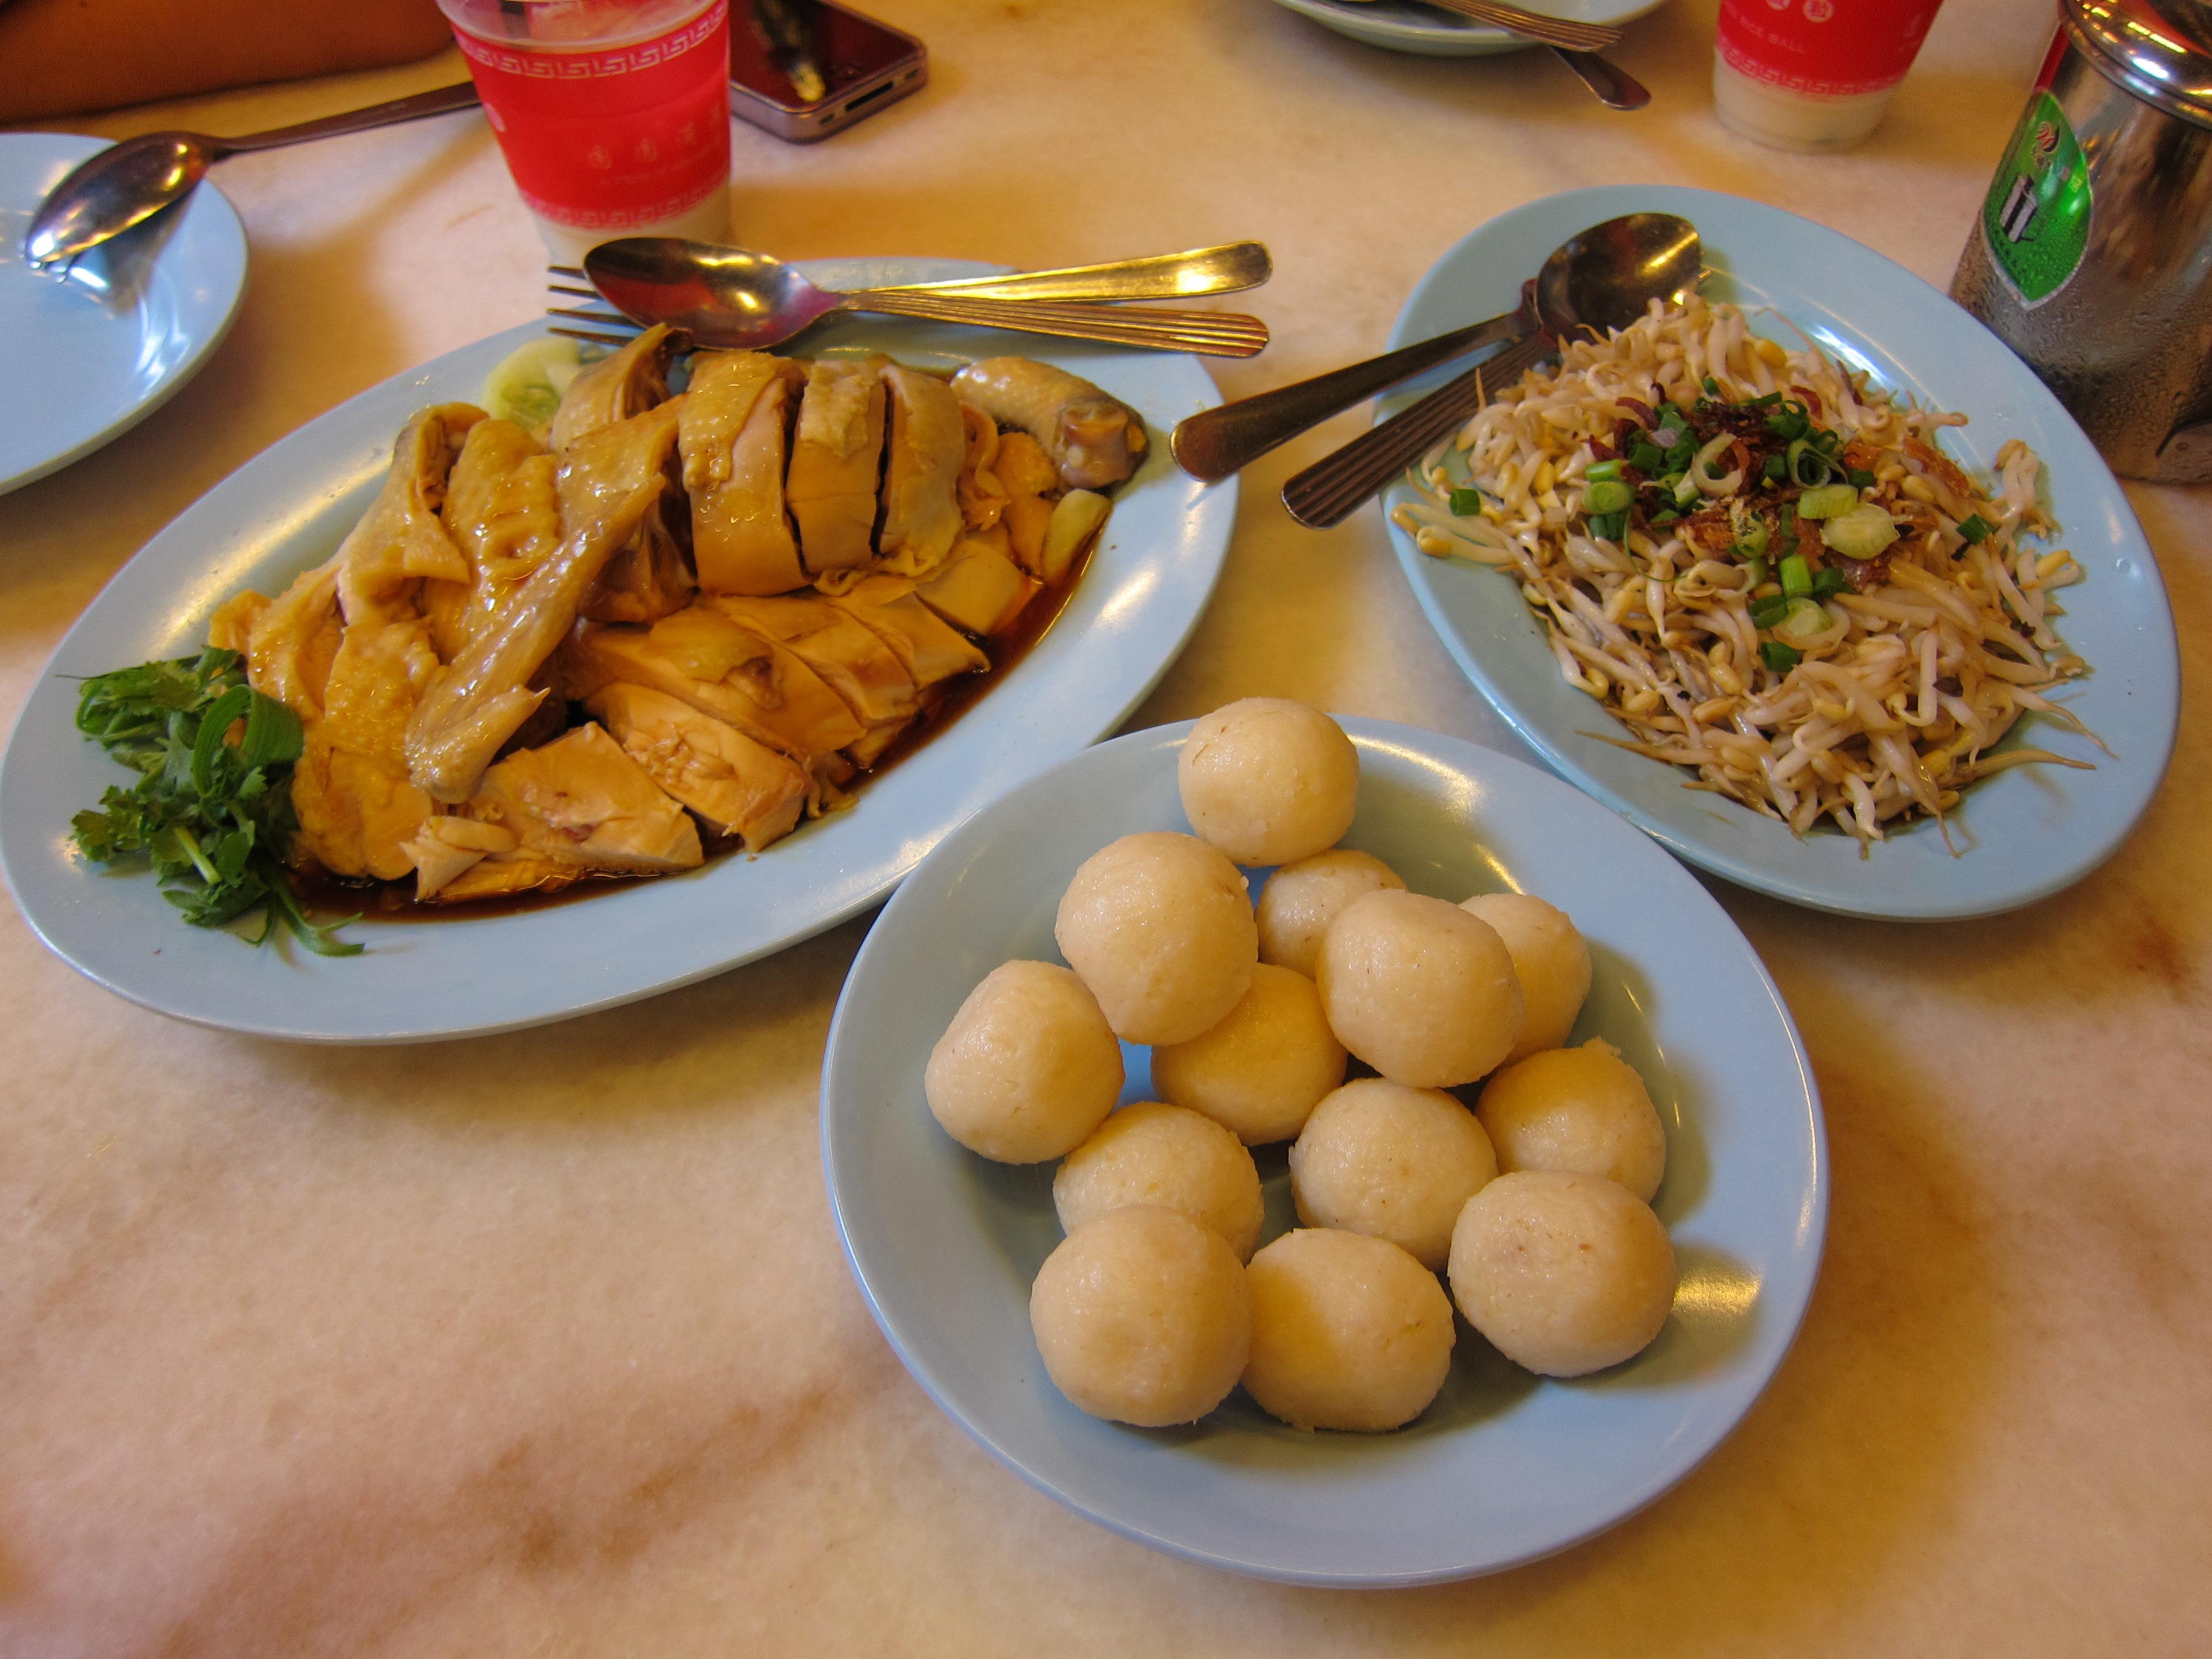 File:Chicken rice balls in Melaka.jpg - Wikimedia Commons